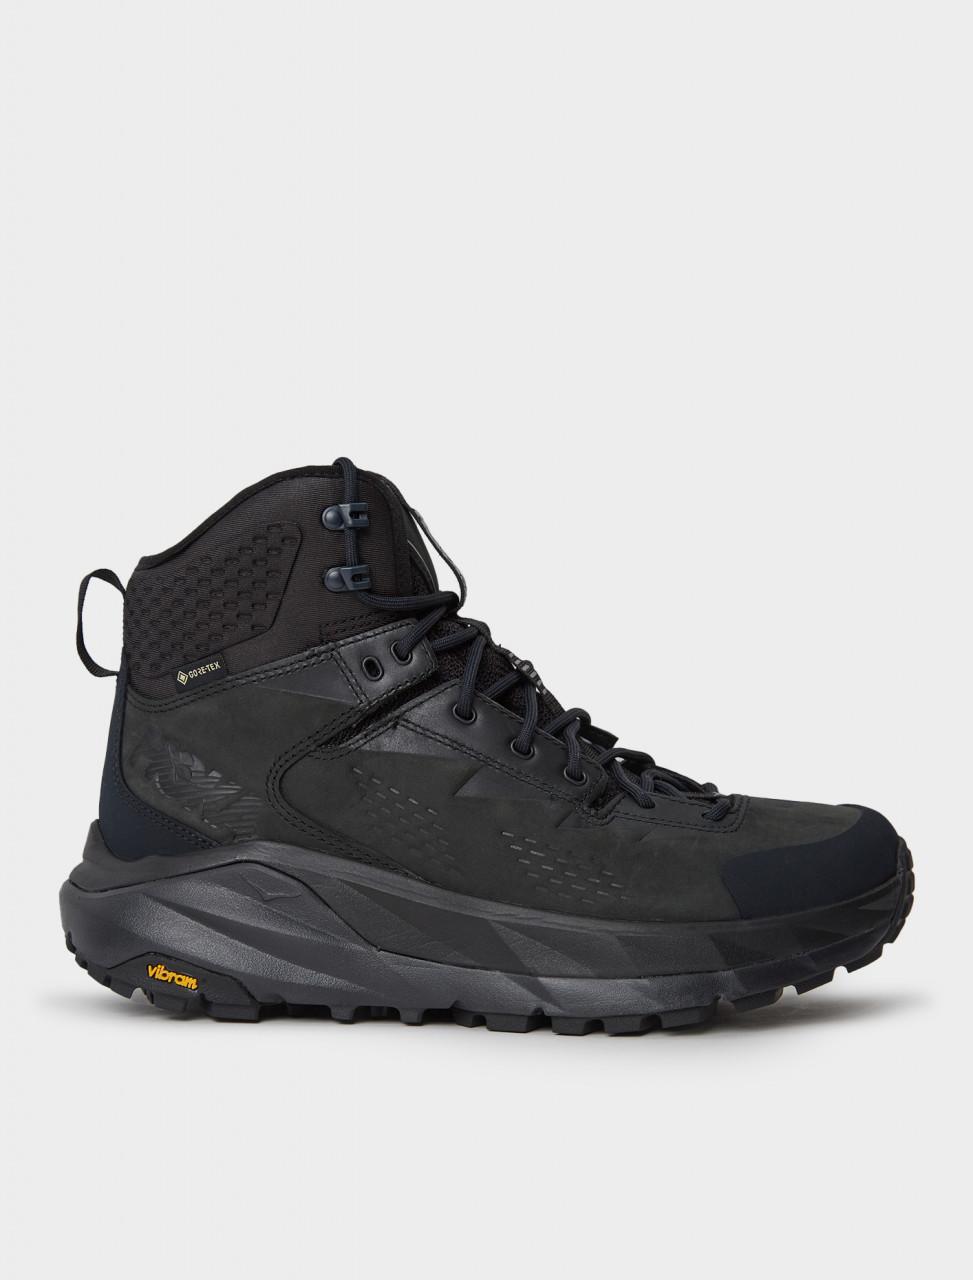 Hoka One One Sky Kaha Goretex Boot in Black